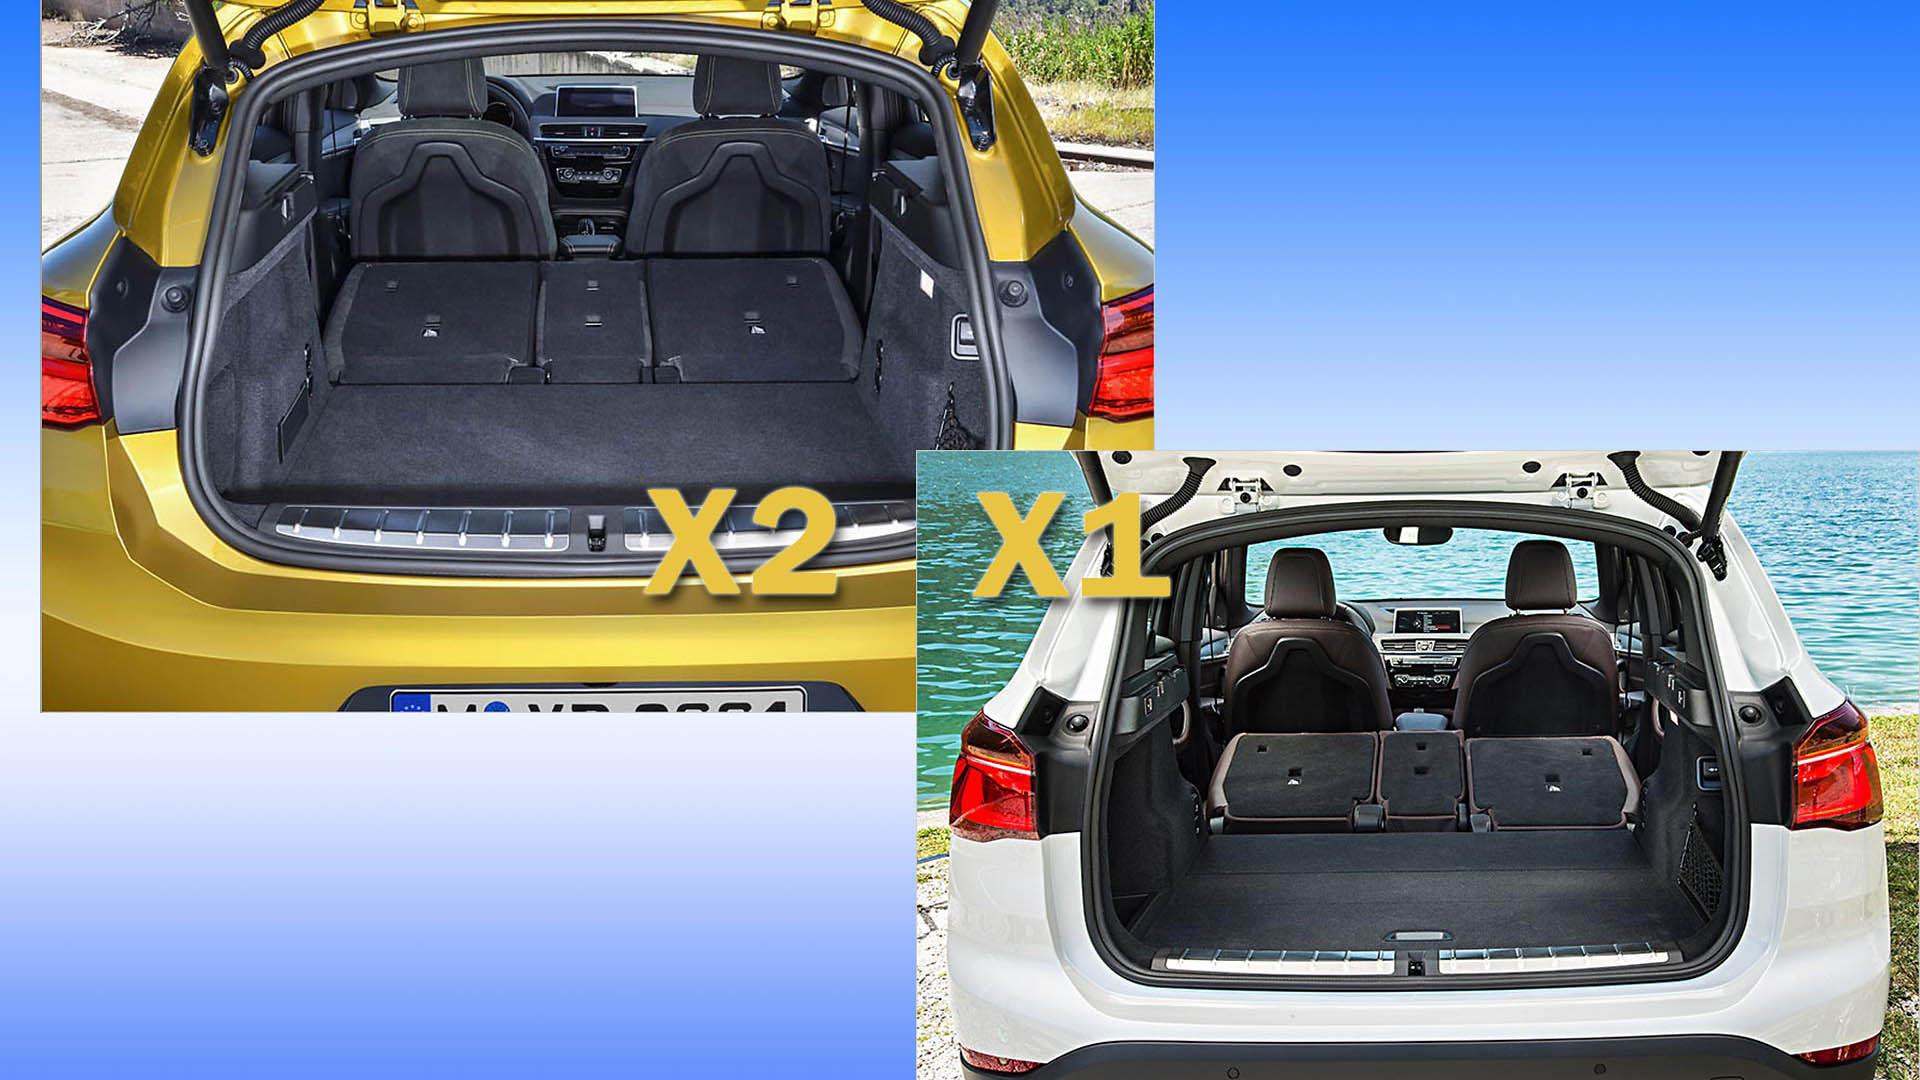 bmw x2 kofferraumvolumen